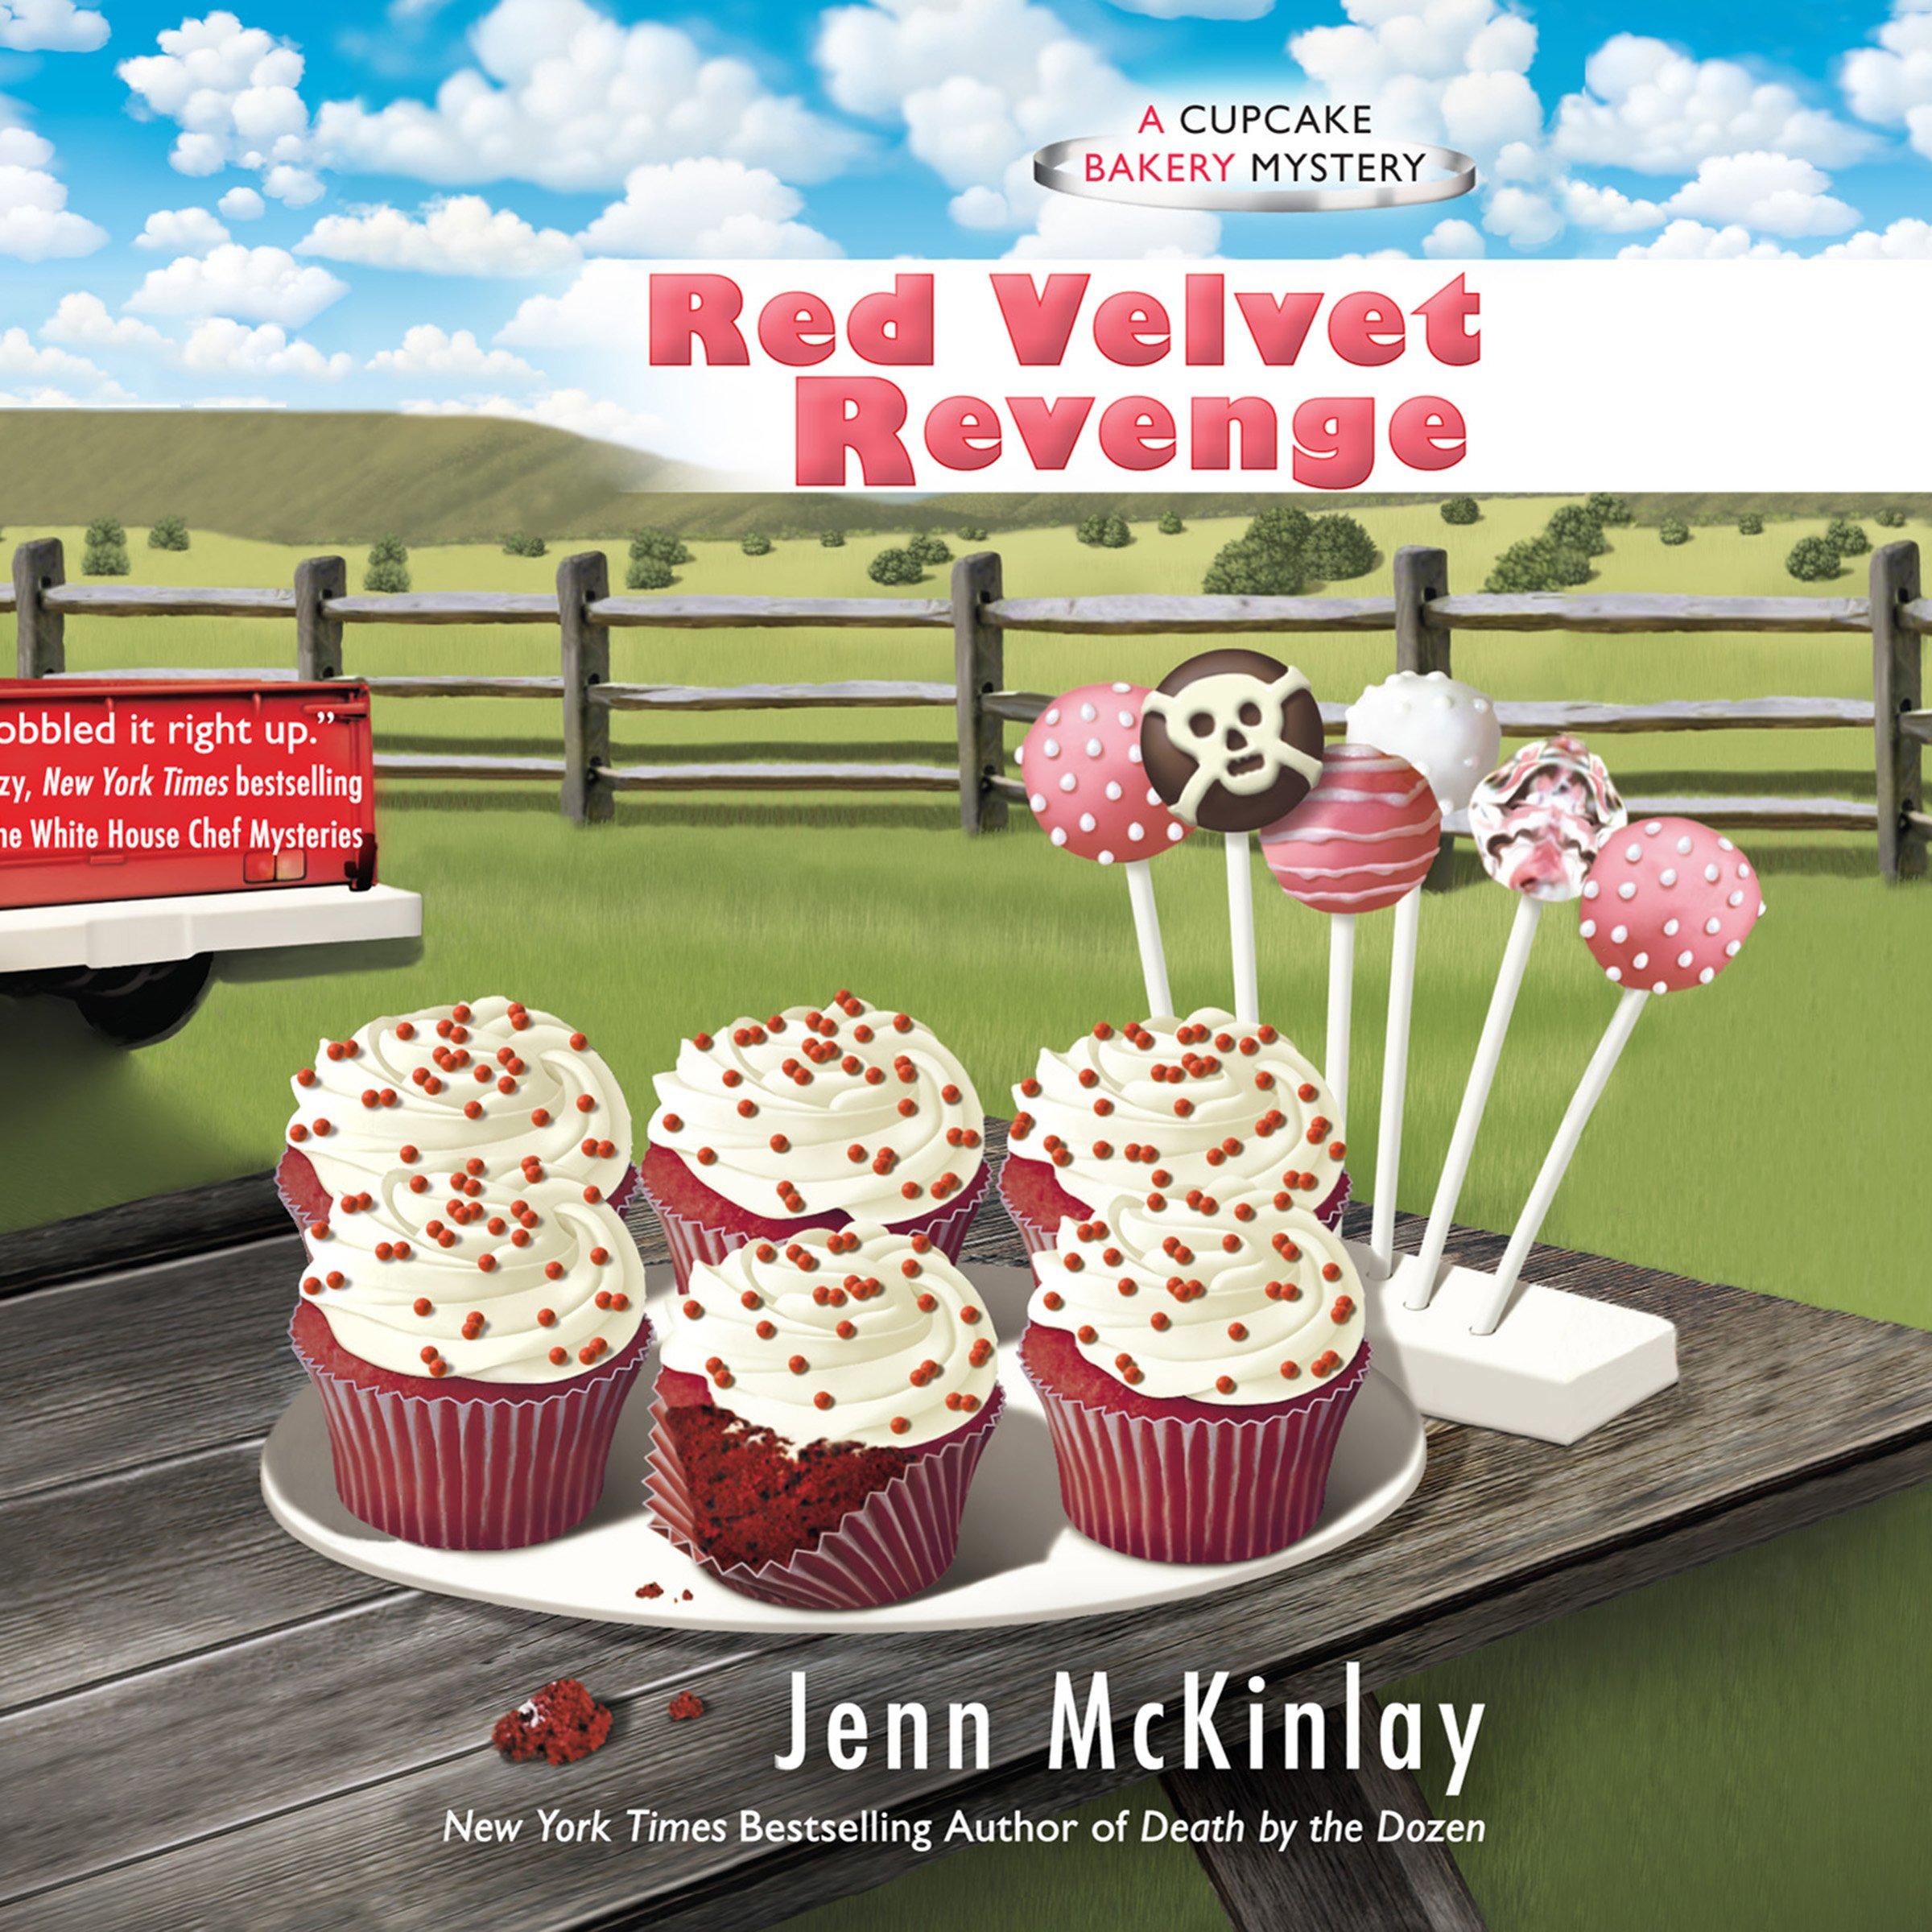 Red Velvet Revenge: Cupcake Bakery Mystery, Book 4 by Dreamscape Media, LLC